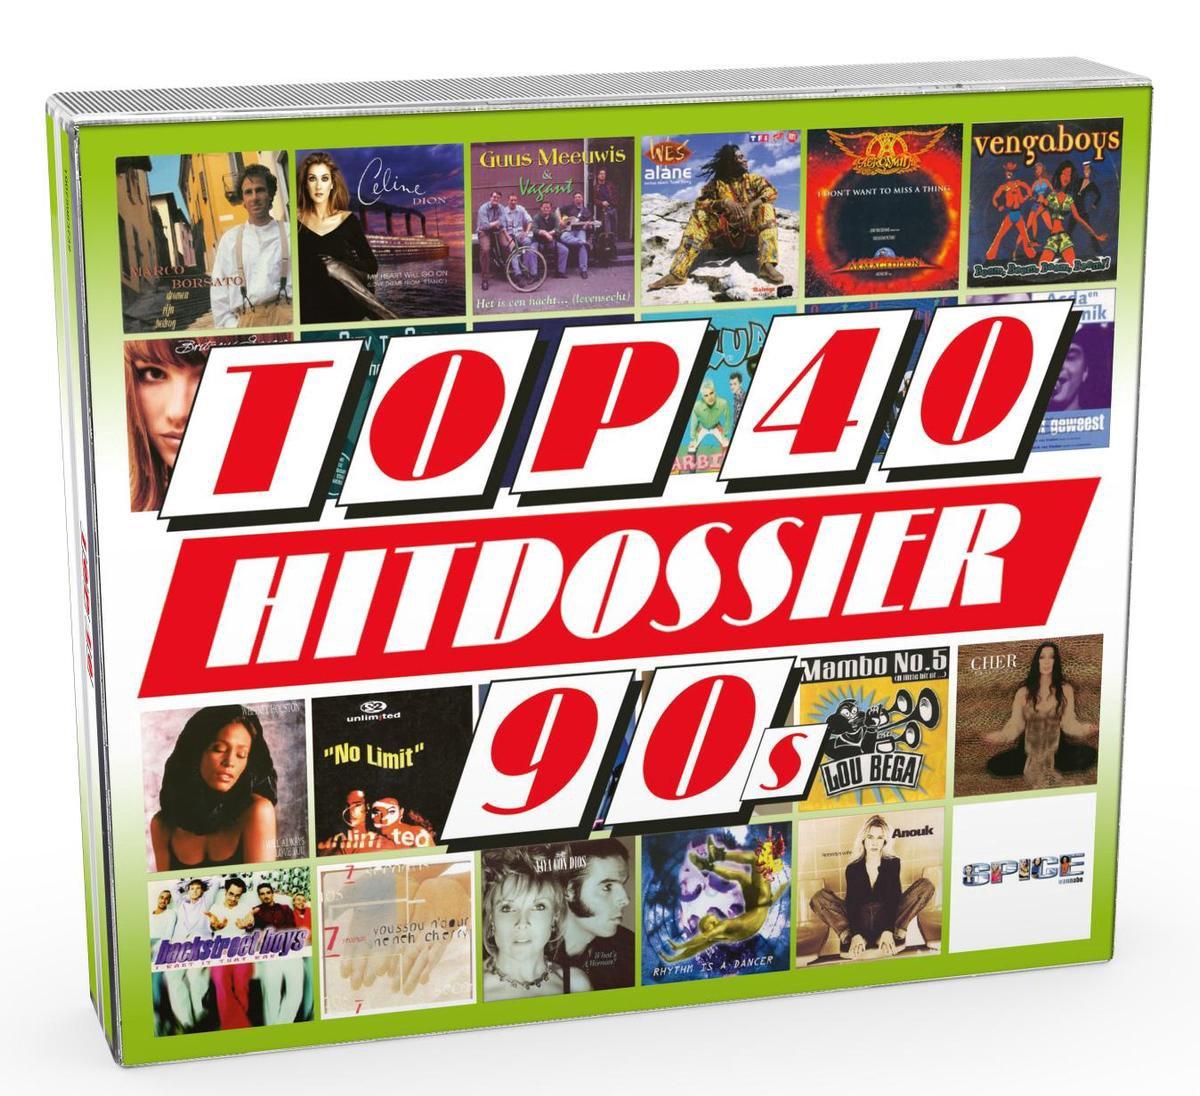 Top 40 Hitdossier - 90S